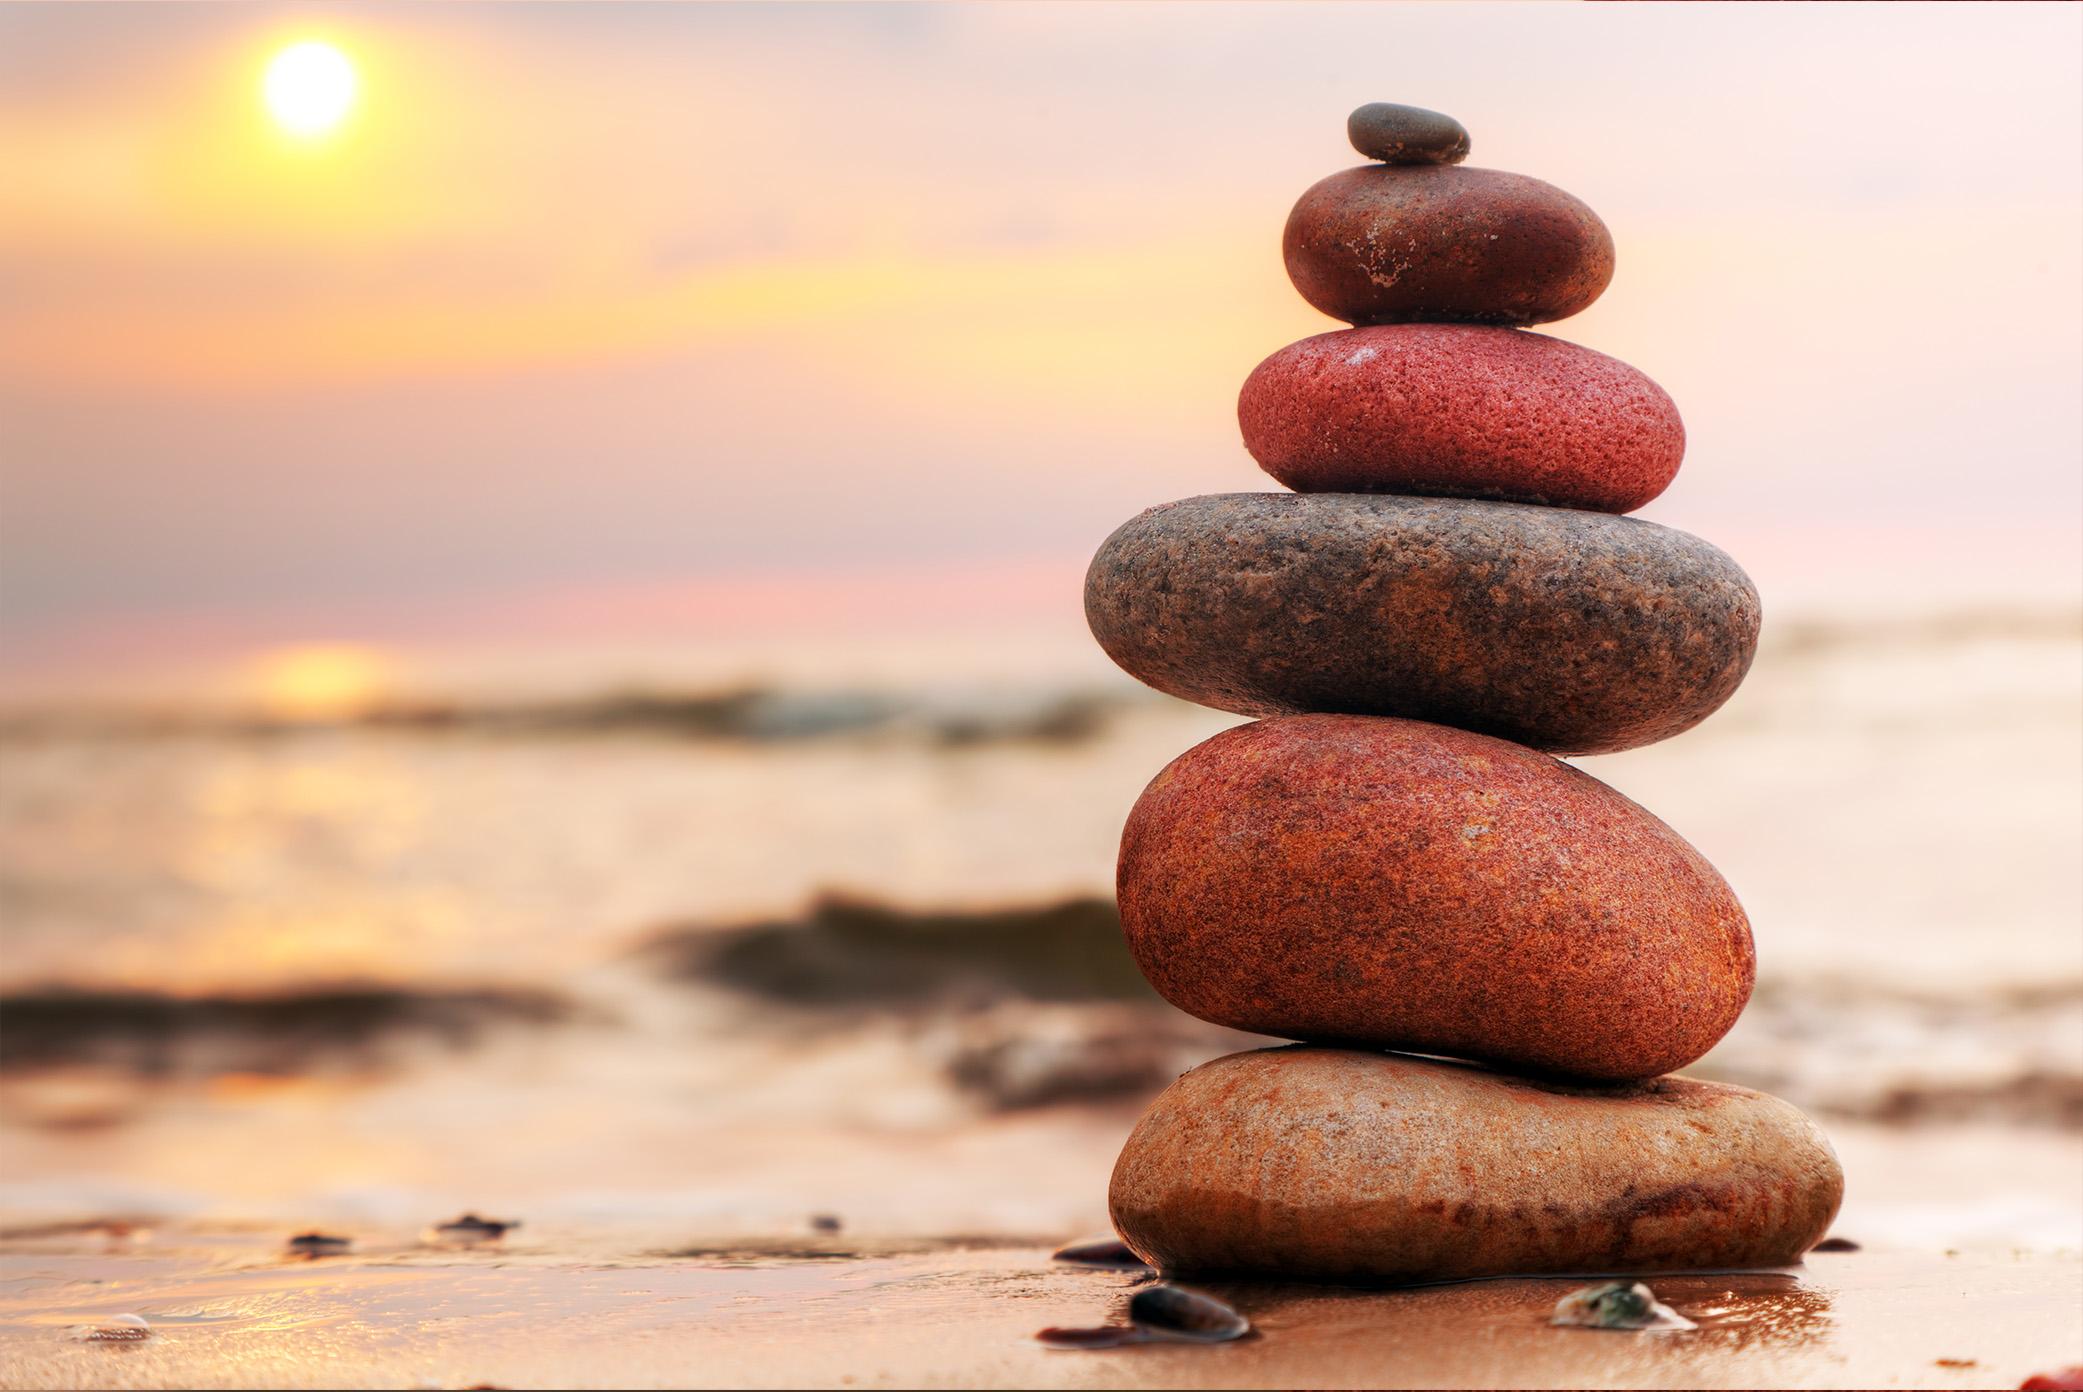 Stones pyramid on sand symbolizing zen, harmony, balance-1